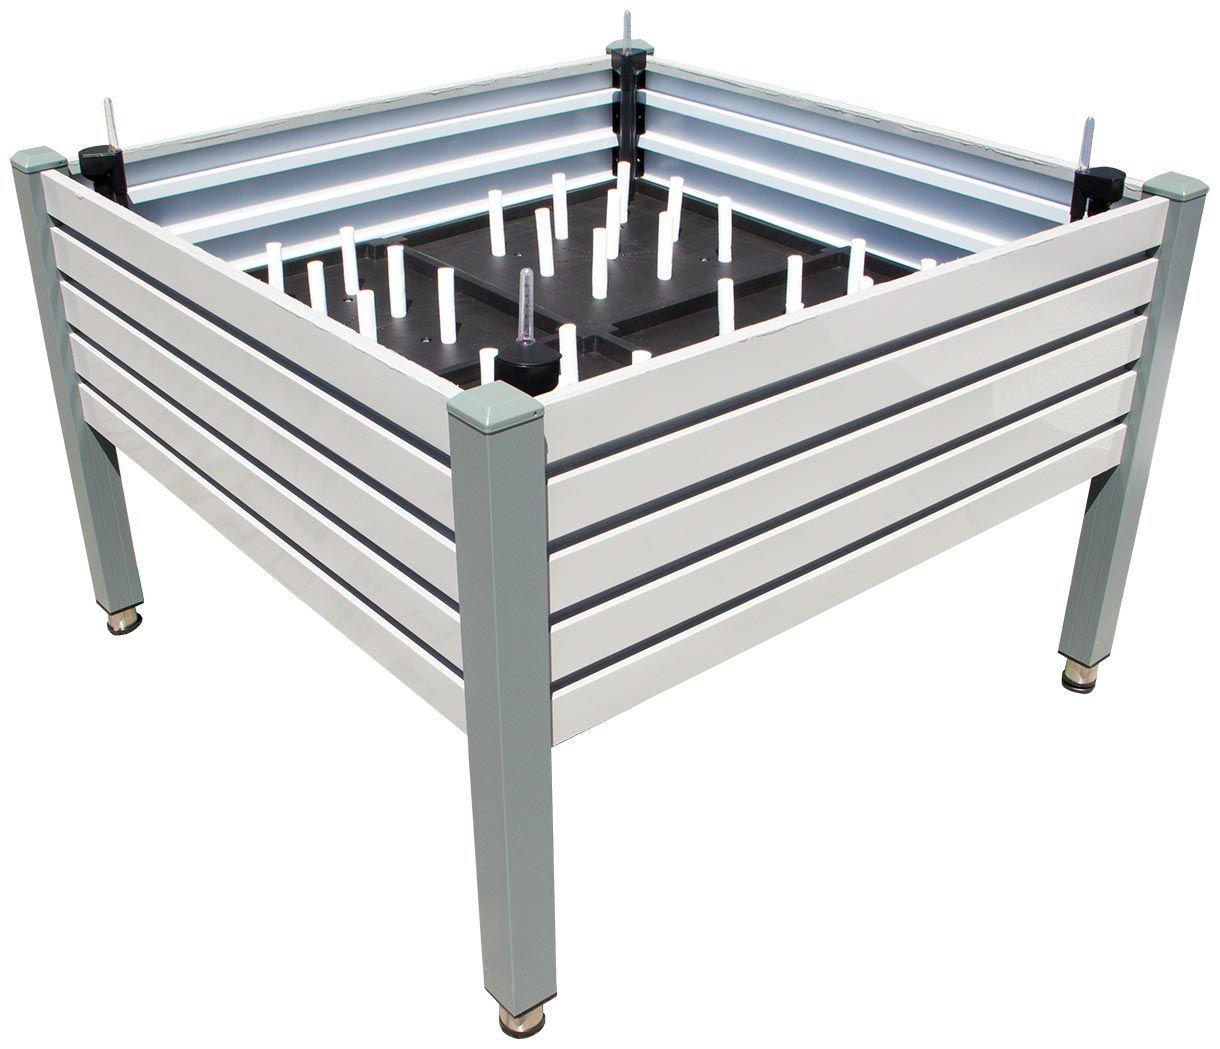 Hochbeet Quadratisch Verona Bewasserungssystem Hochbeet Bewasserungssystem Bewasserung